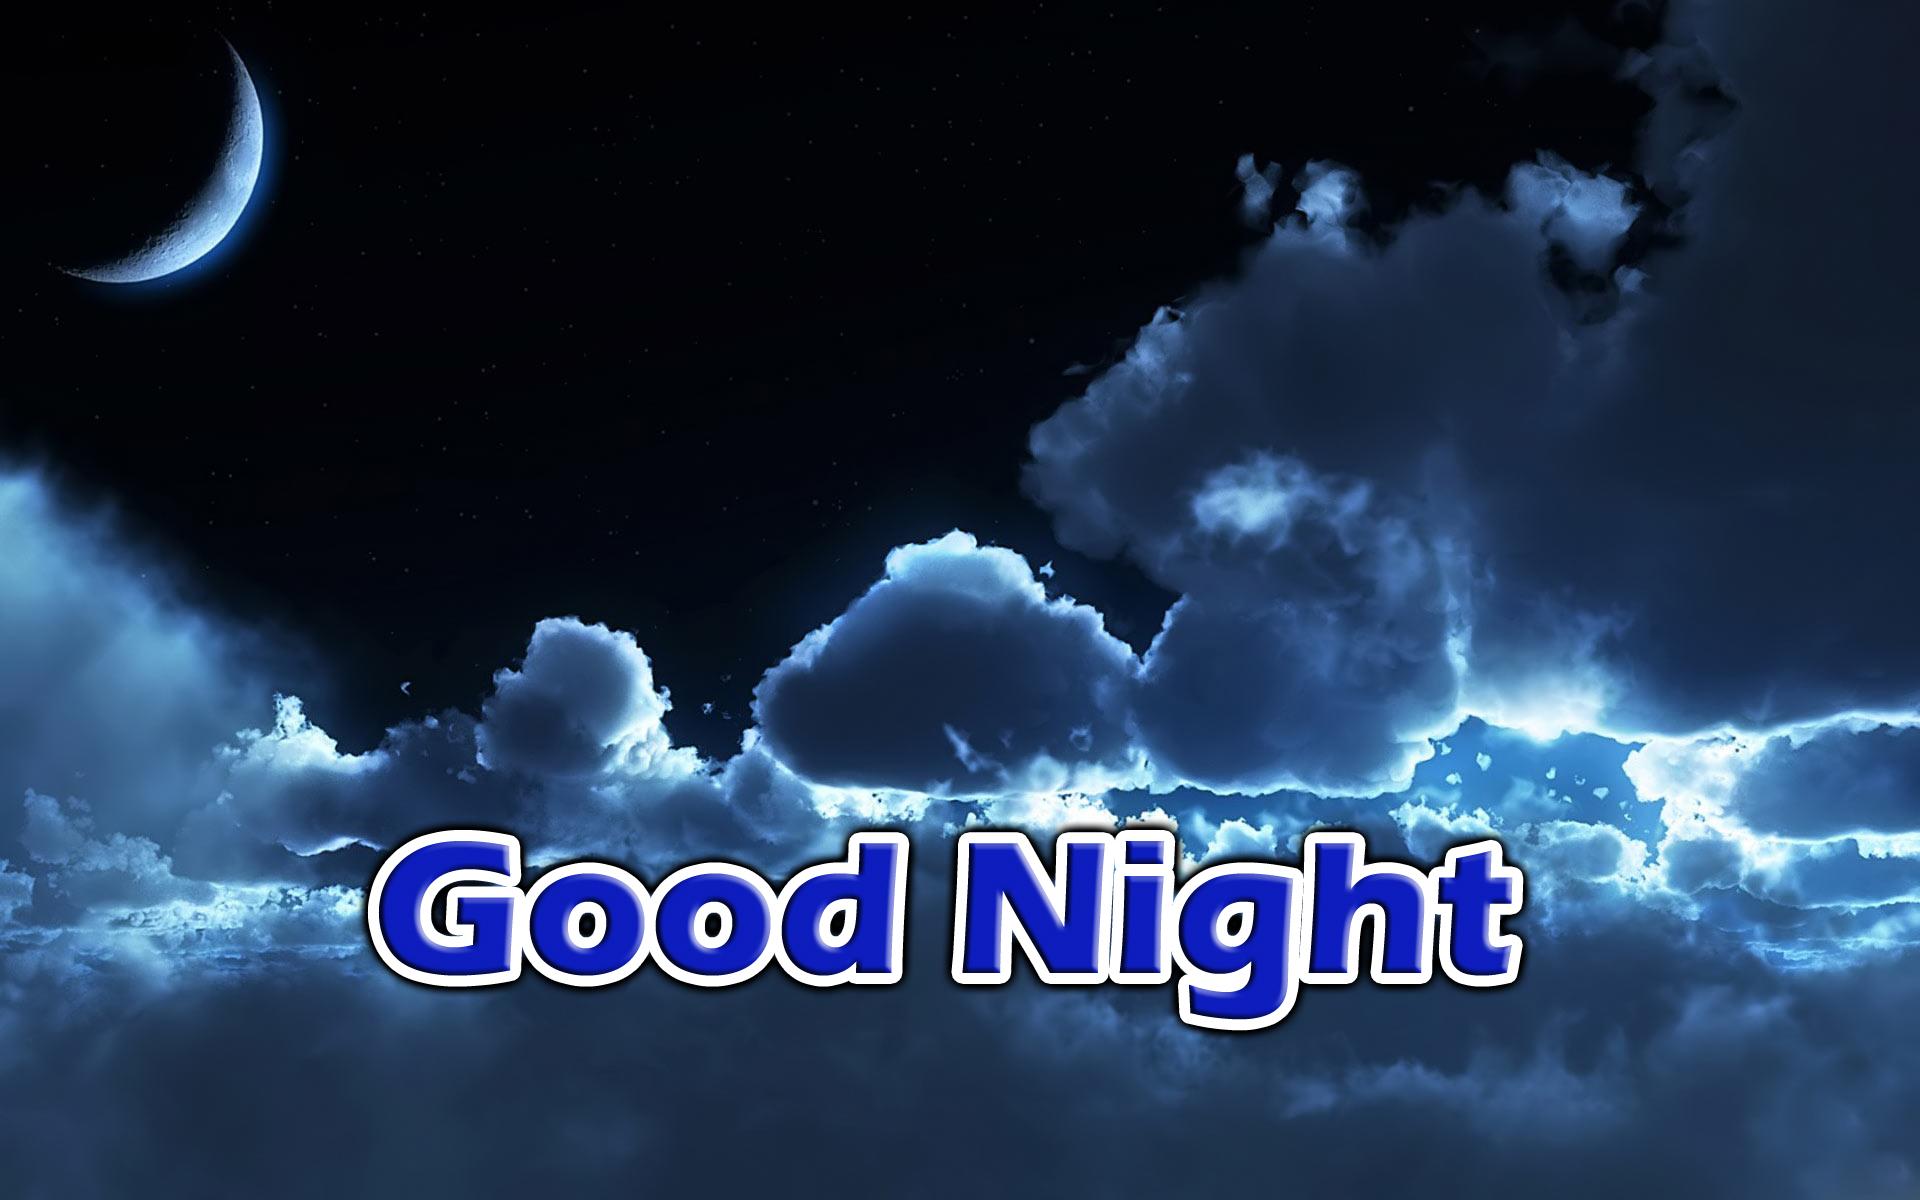 صور مساء الخير Good Night صور مكتوب عليها مساء الخير (35)